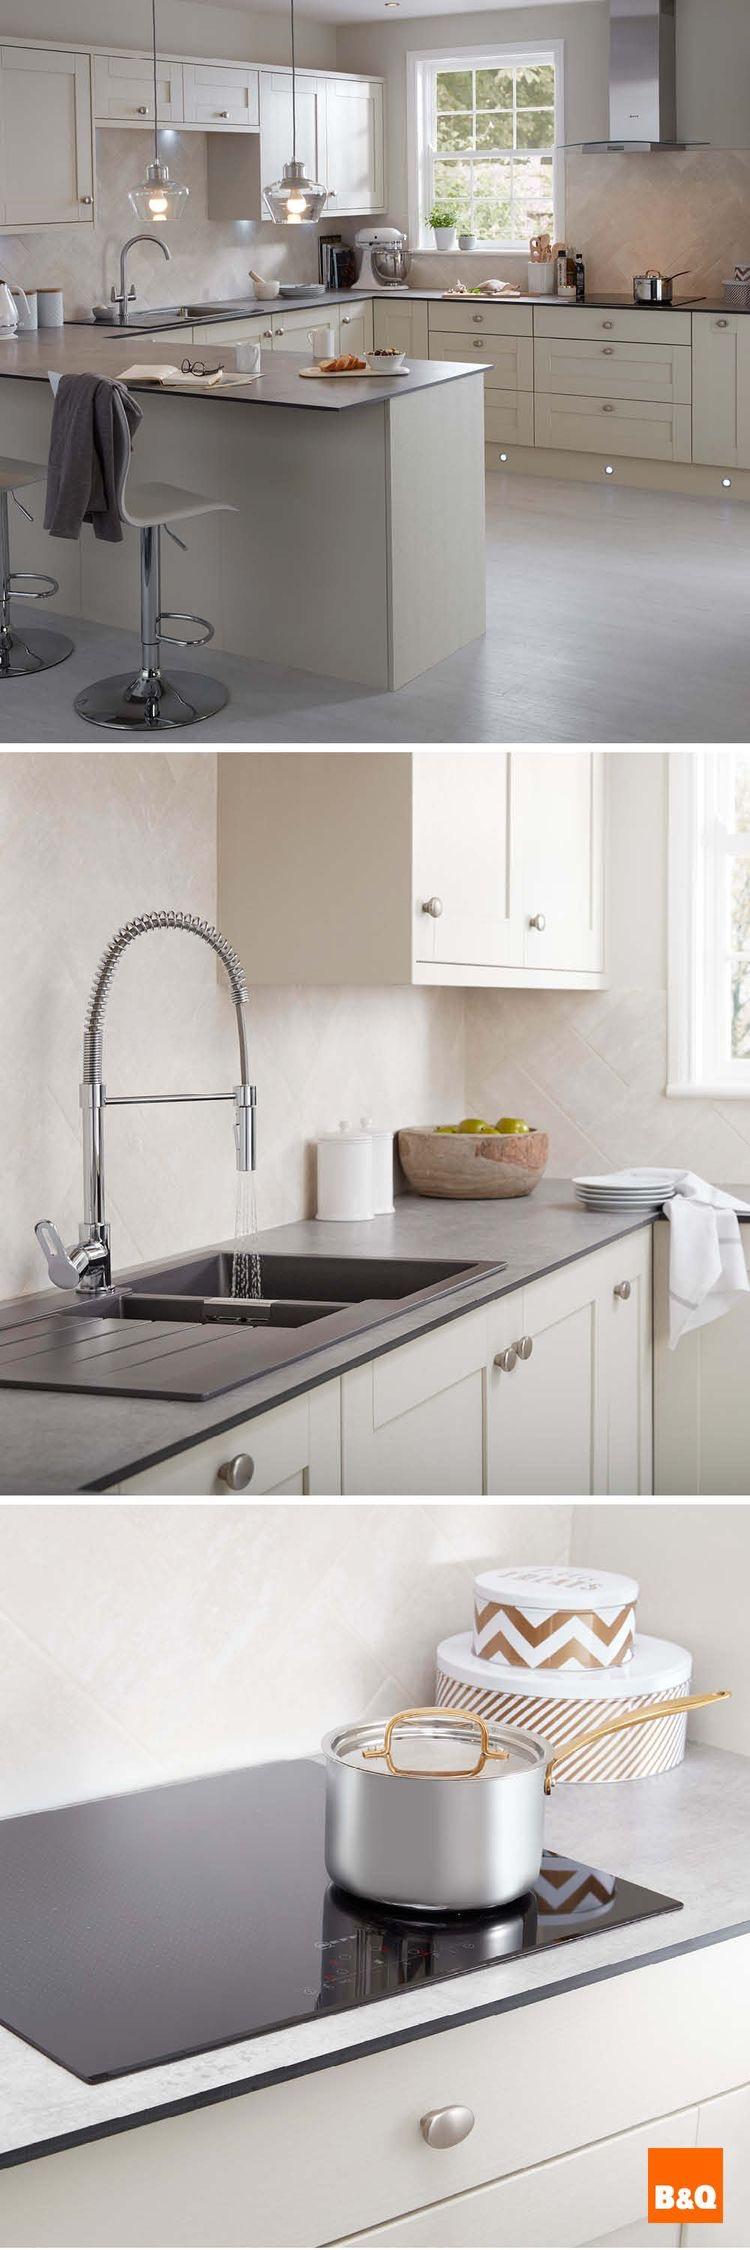 Ideen für küchenschränke ohne türen pin von andrea schäfer auf küche  pinterest  kücheneinrichtung